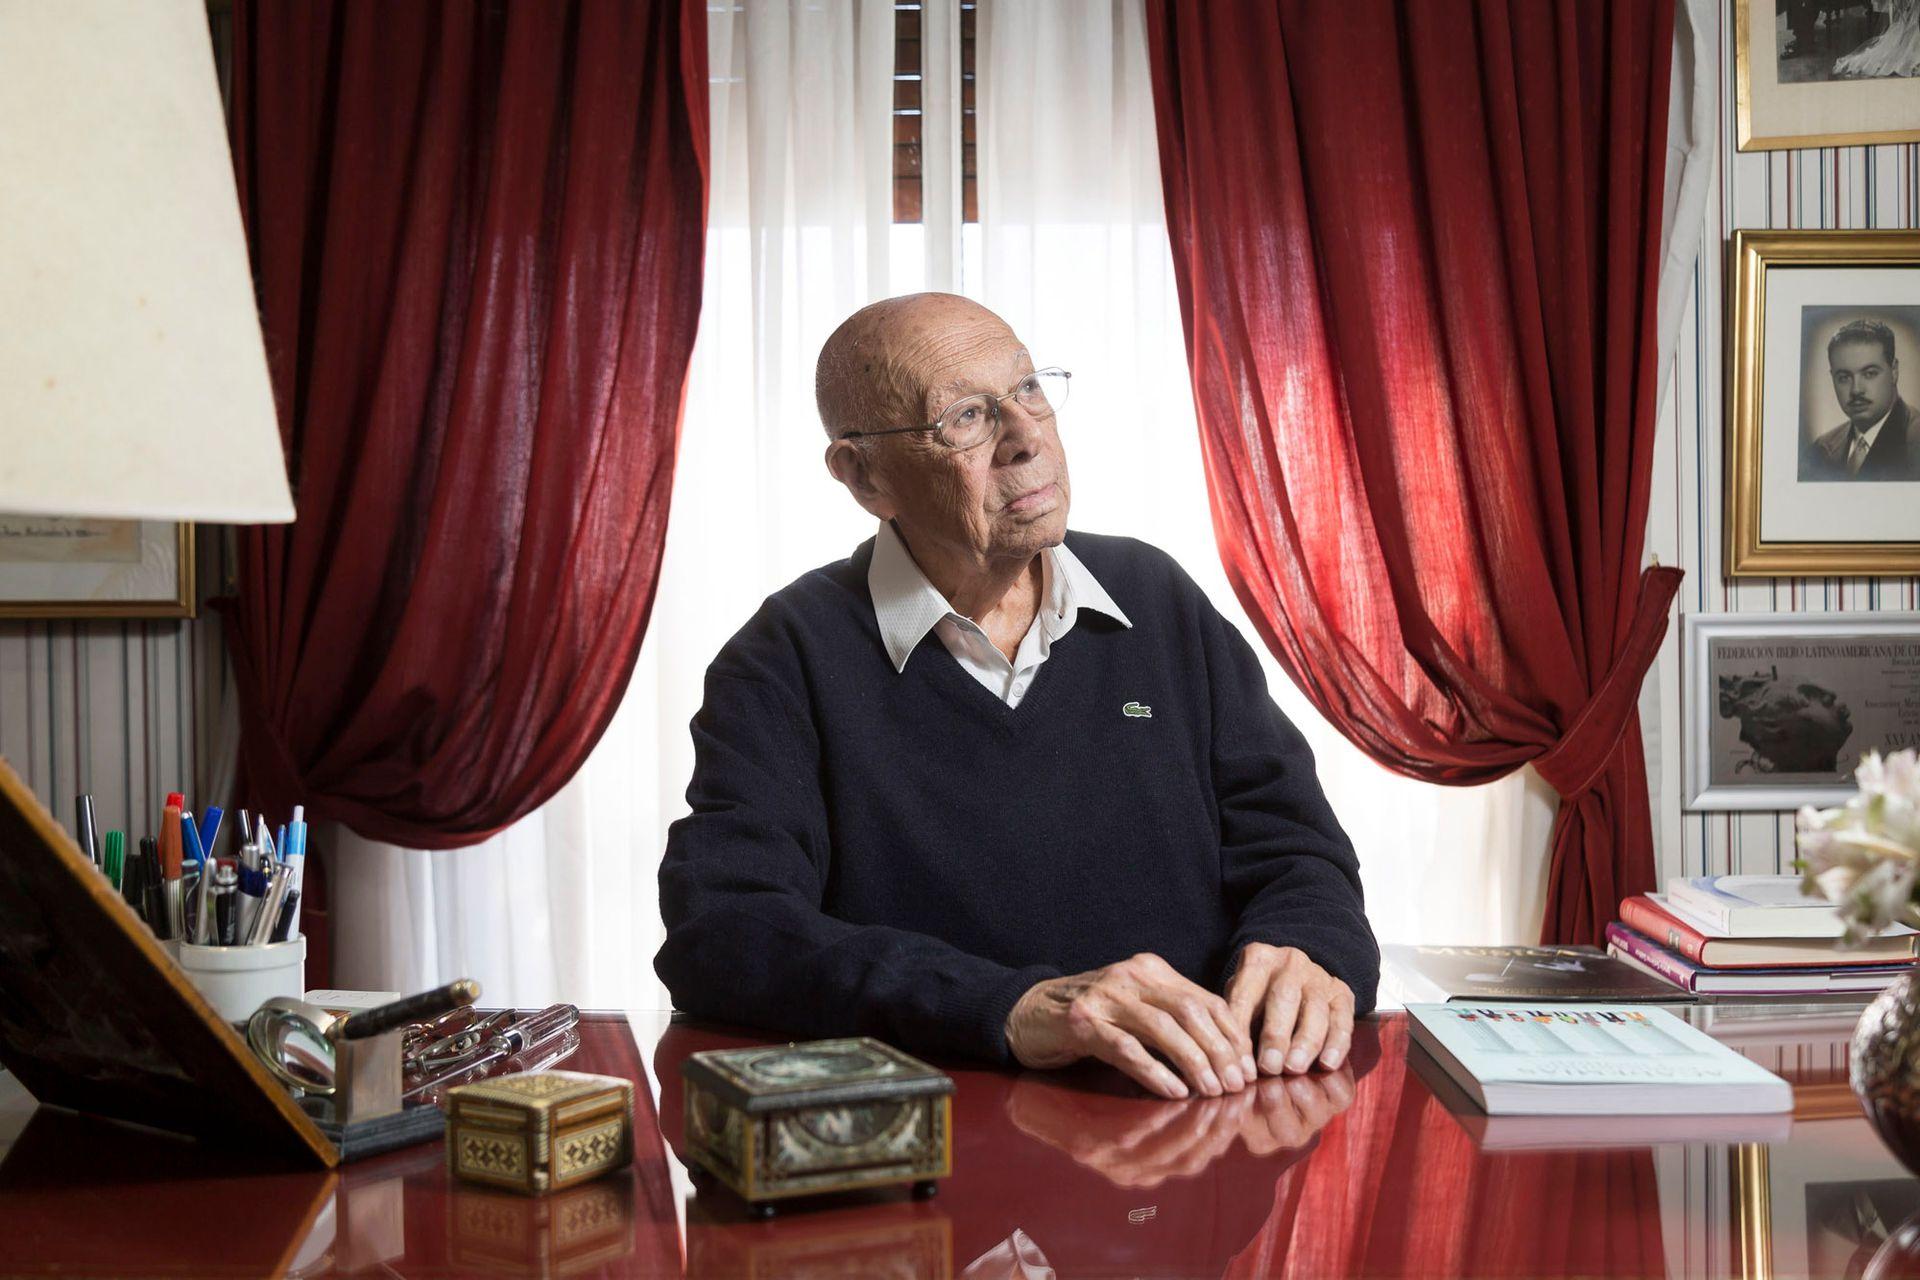 El pionero de la medicina del quemado, Fortunato Benaím, recuperado después de haber sufrido problema de salud, tiene varios proyectos en marcha para elevar el tratamiento de las quemaduras en el país